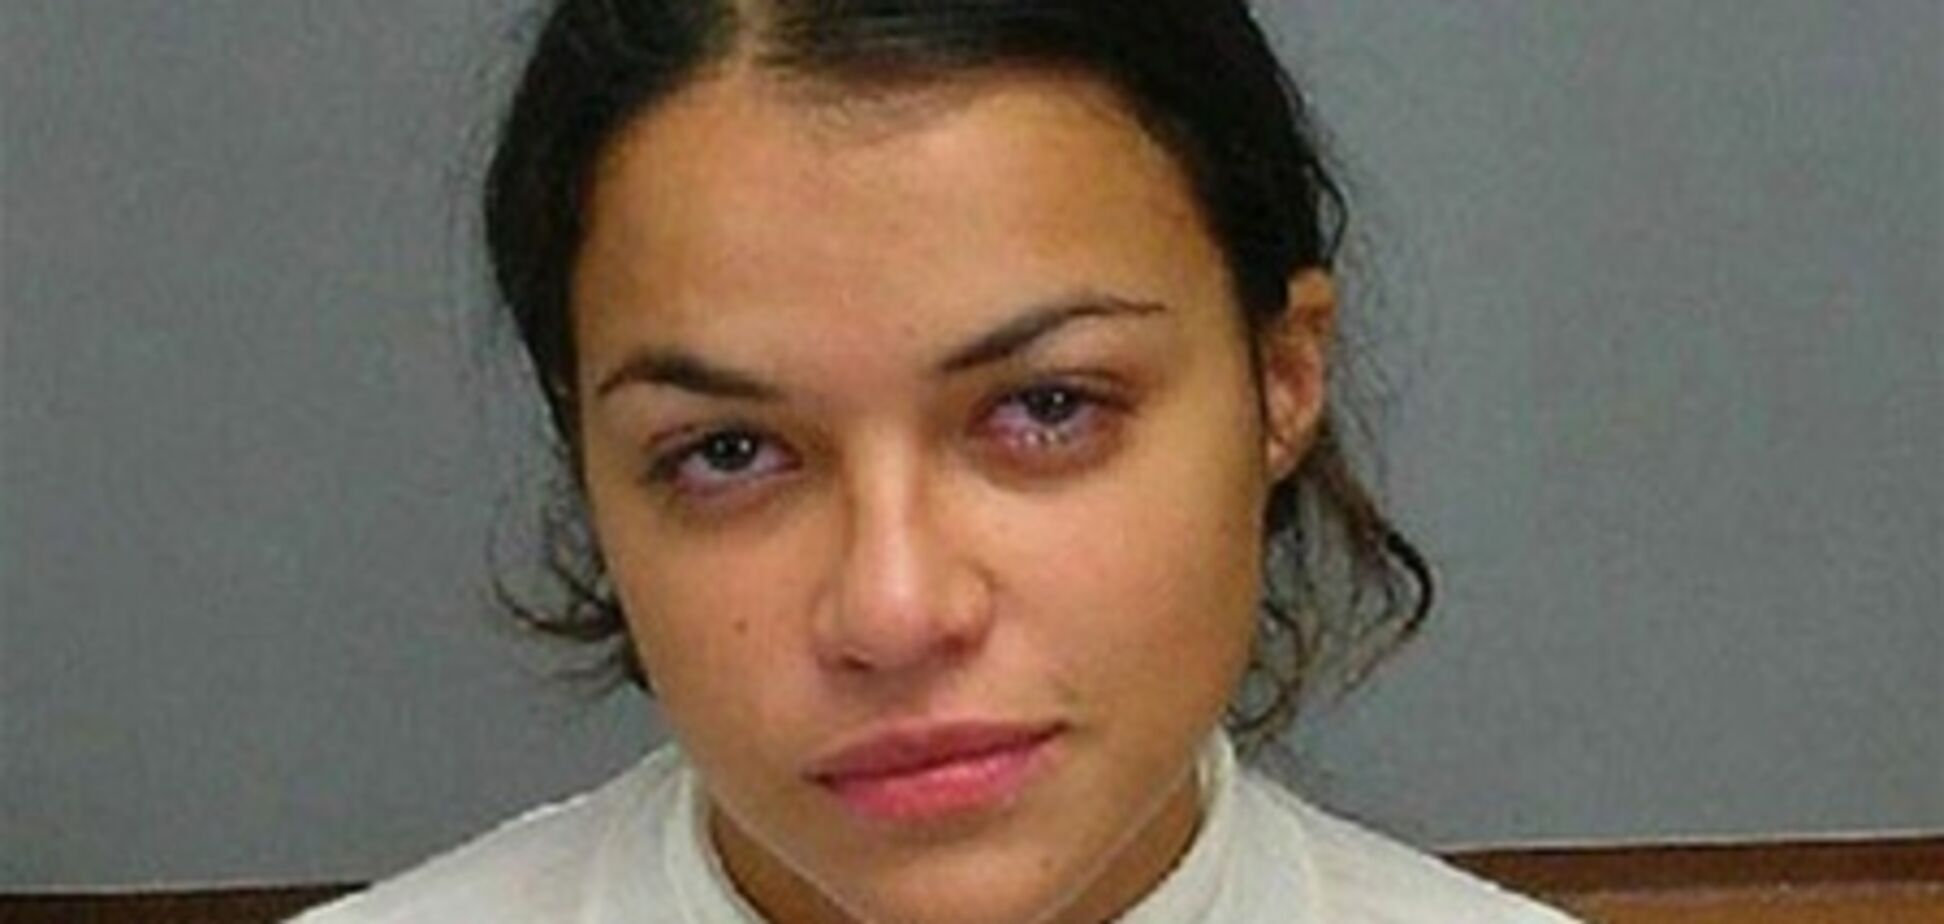 Заплаканные и опухшие знаменитости позируют для полиции